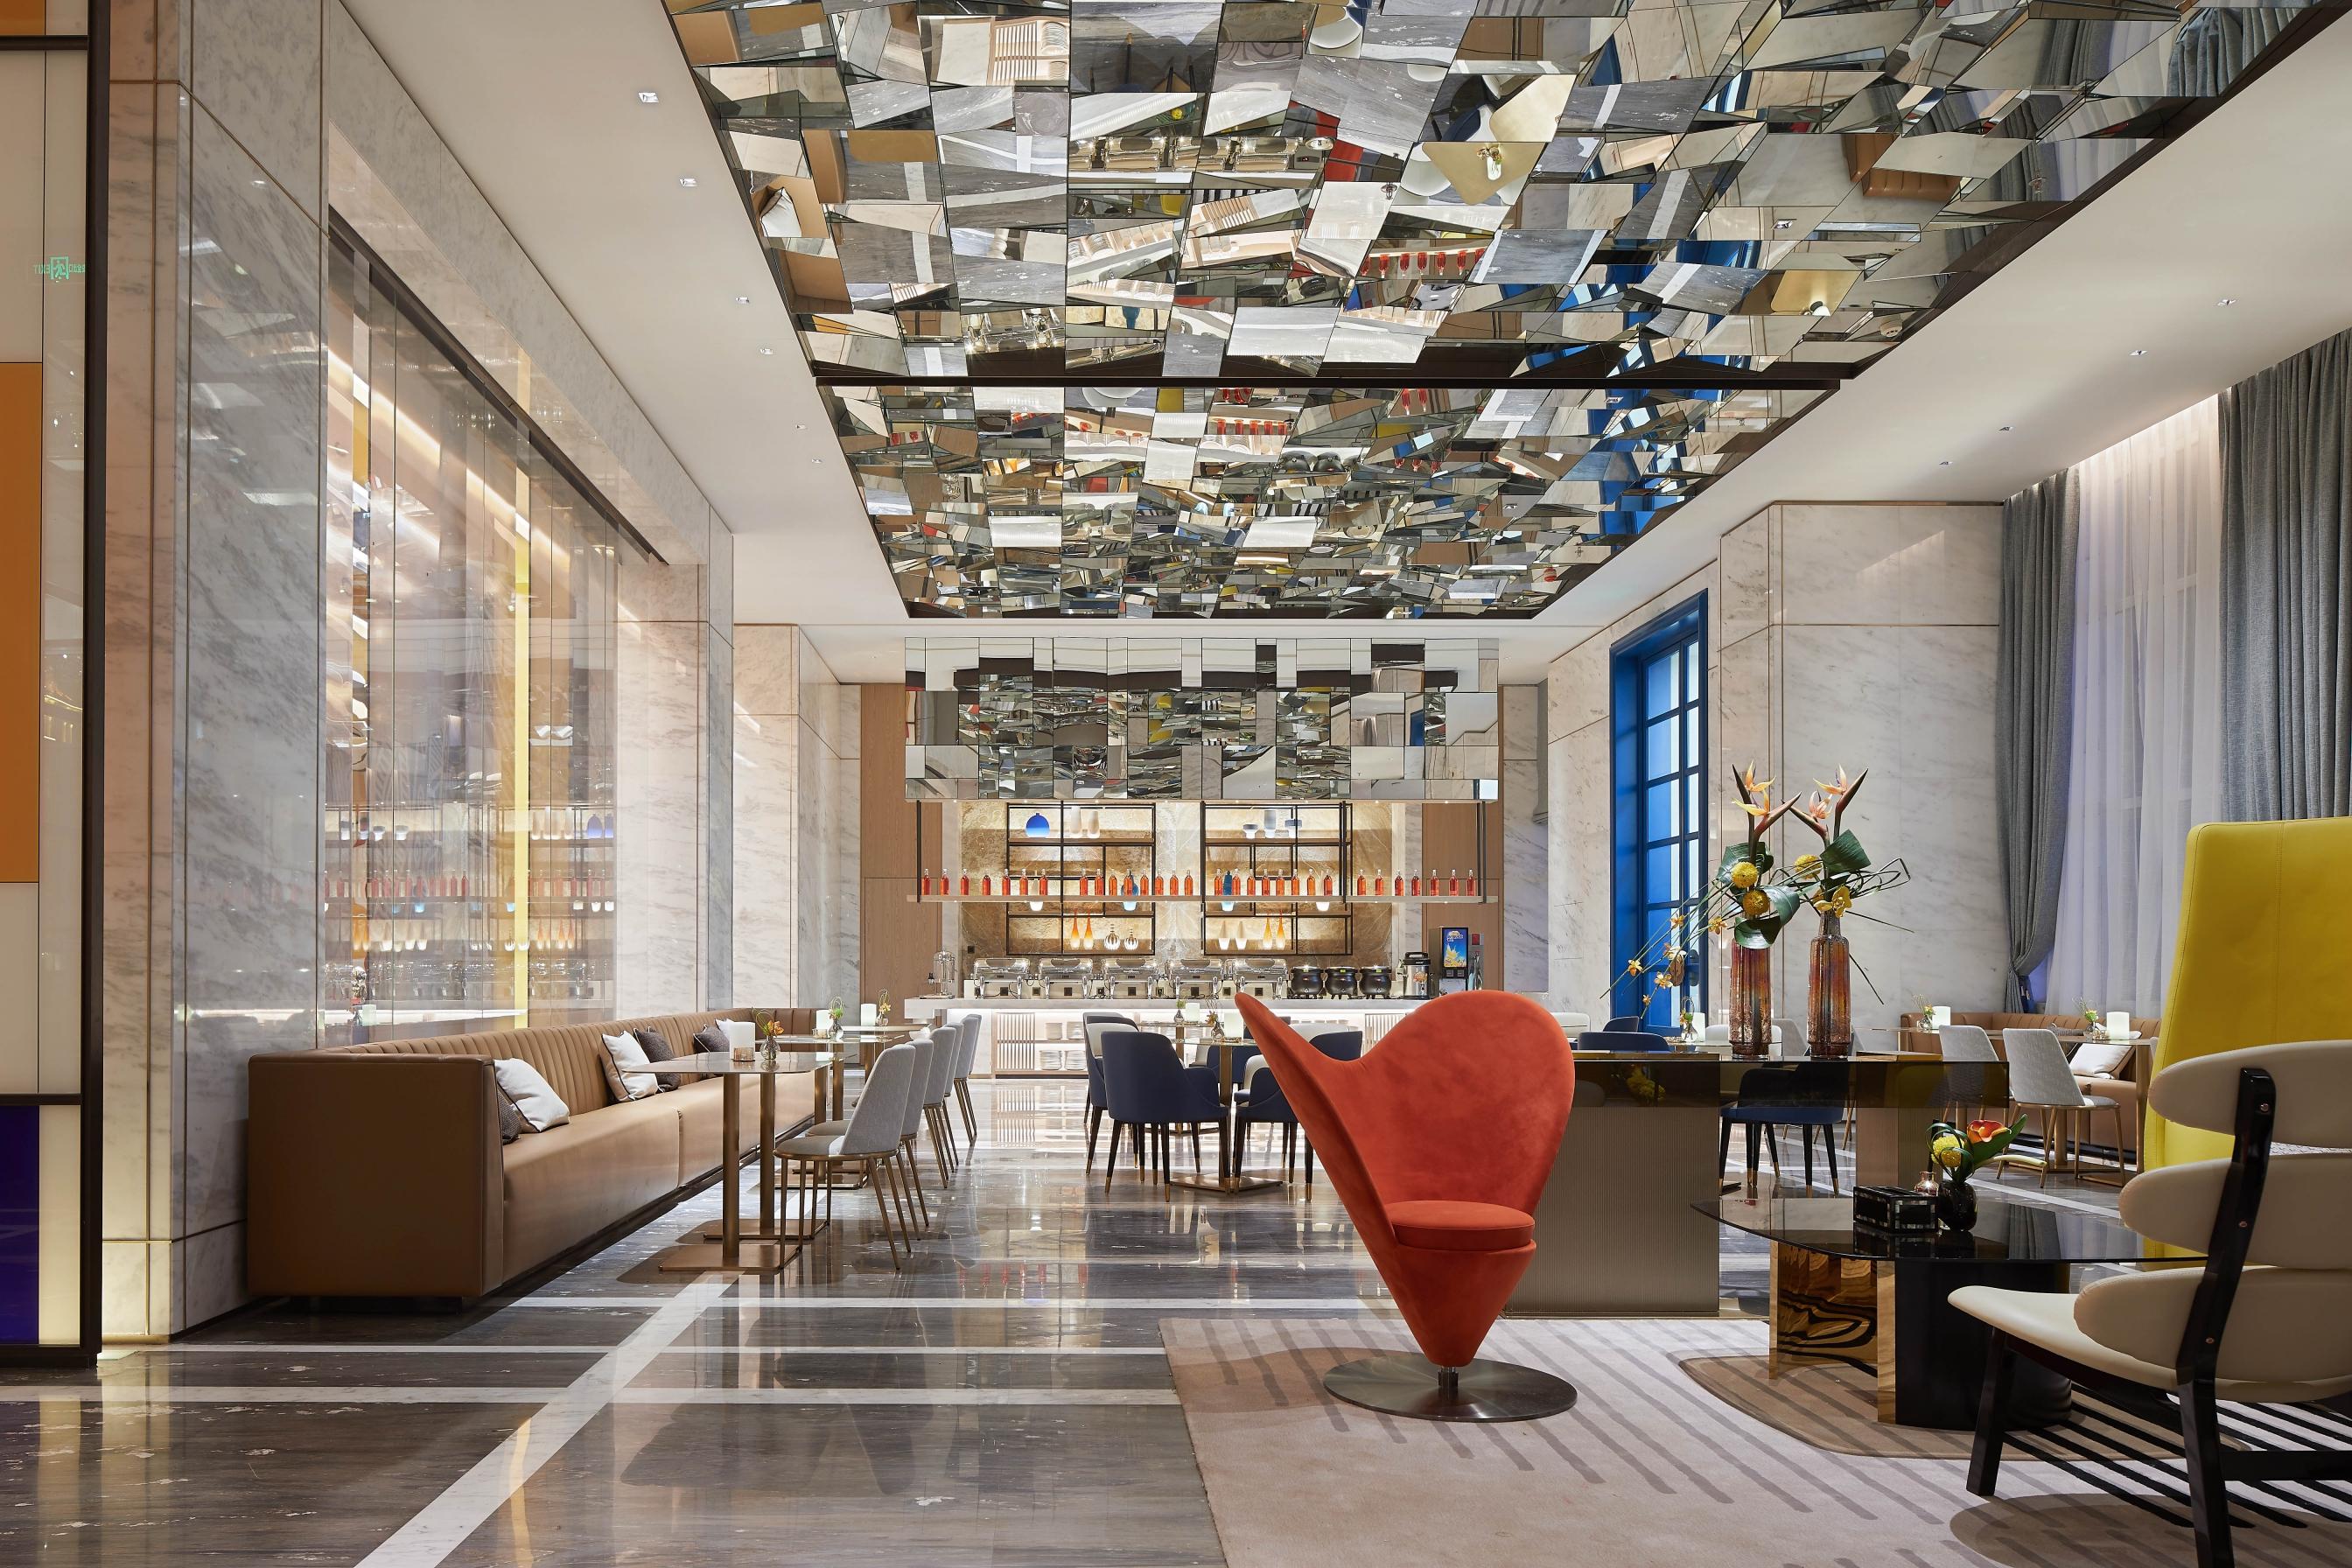 An international art hotel along the road